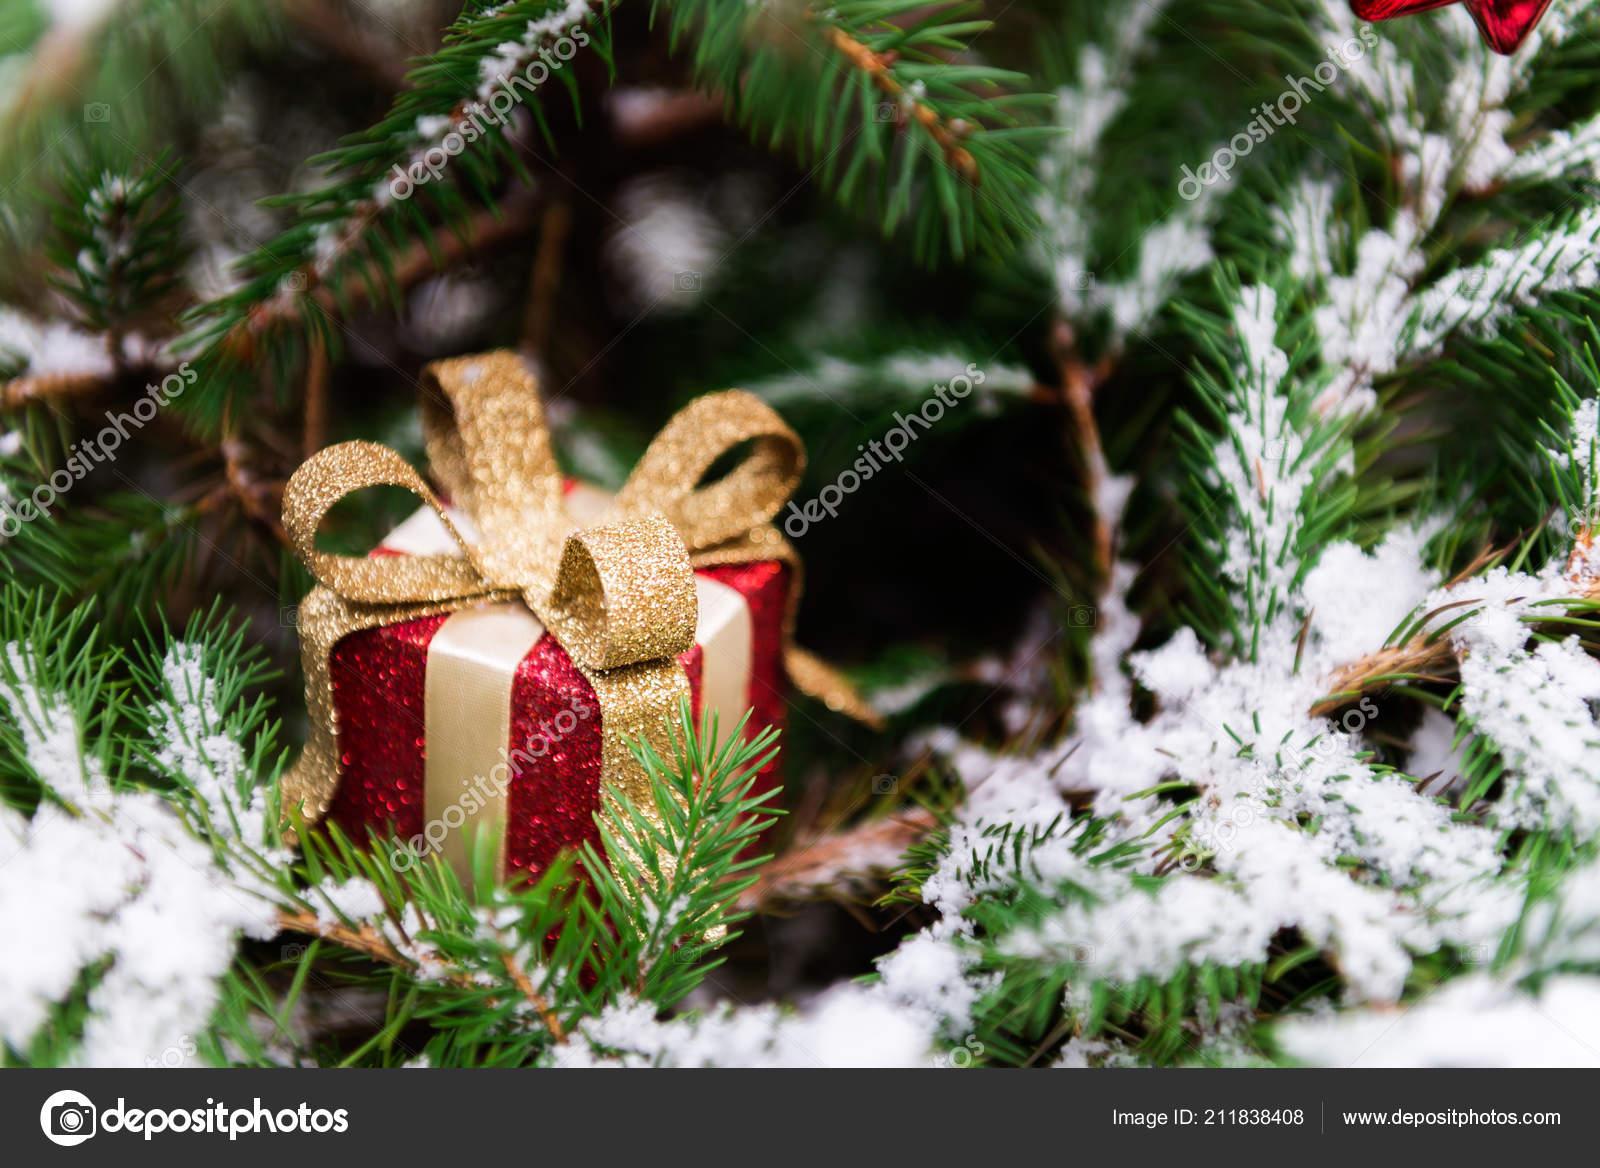 Hintergrundbild Des Naturlichen Tanne Baum Brunch Mit Schnee Bedeckt